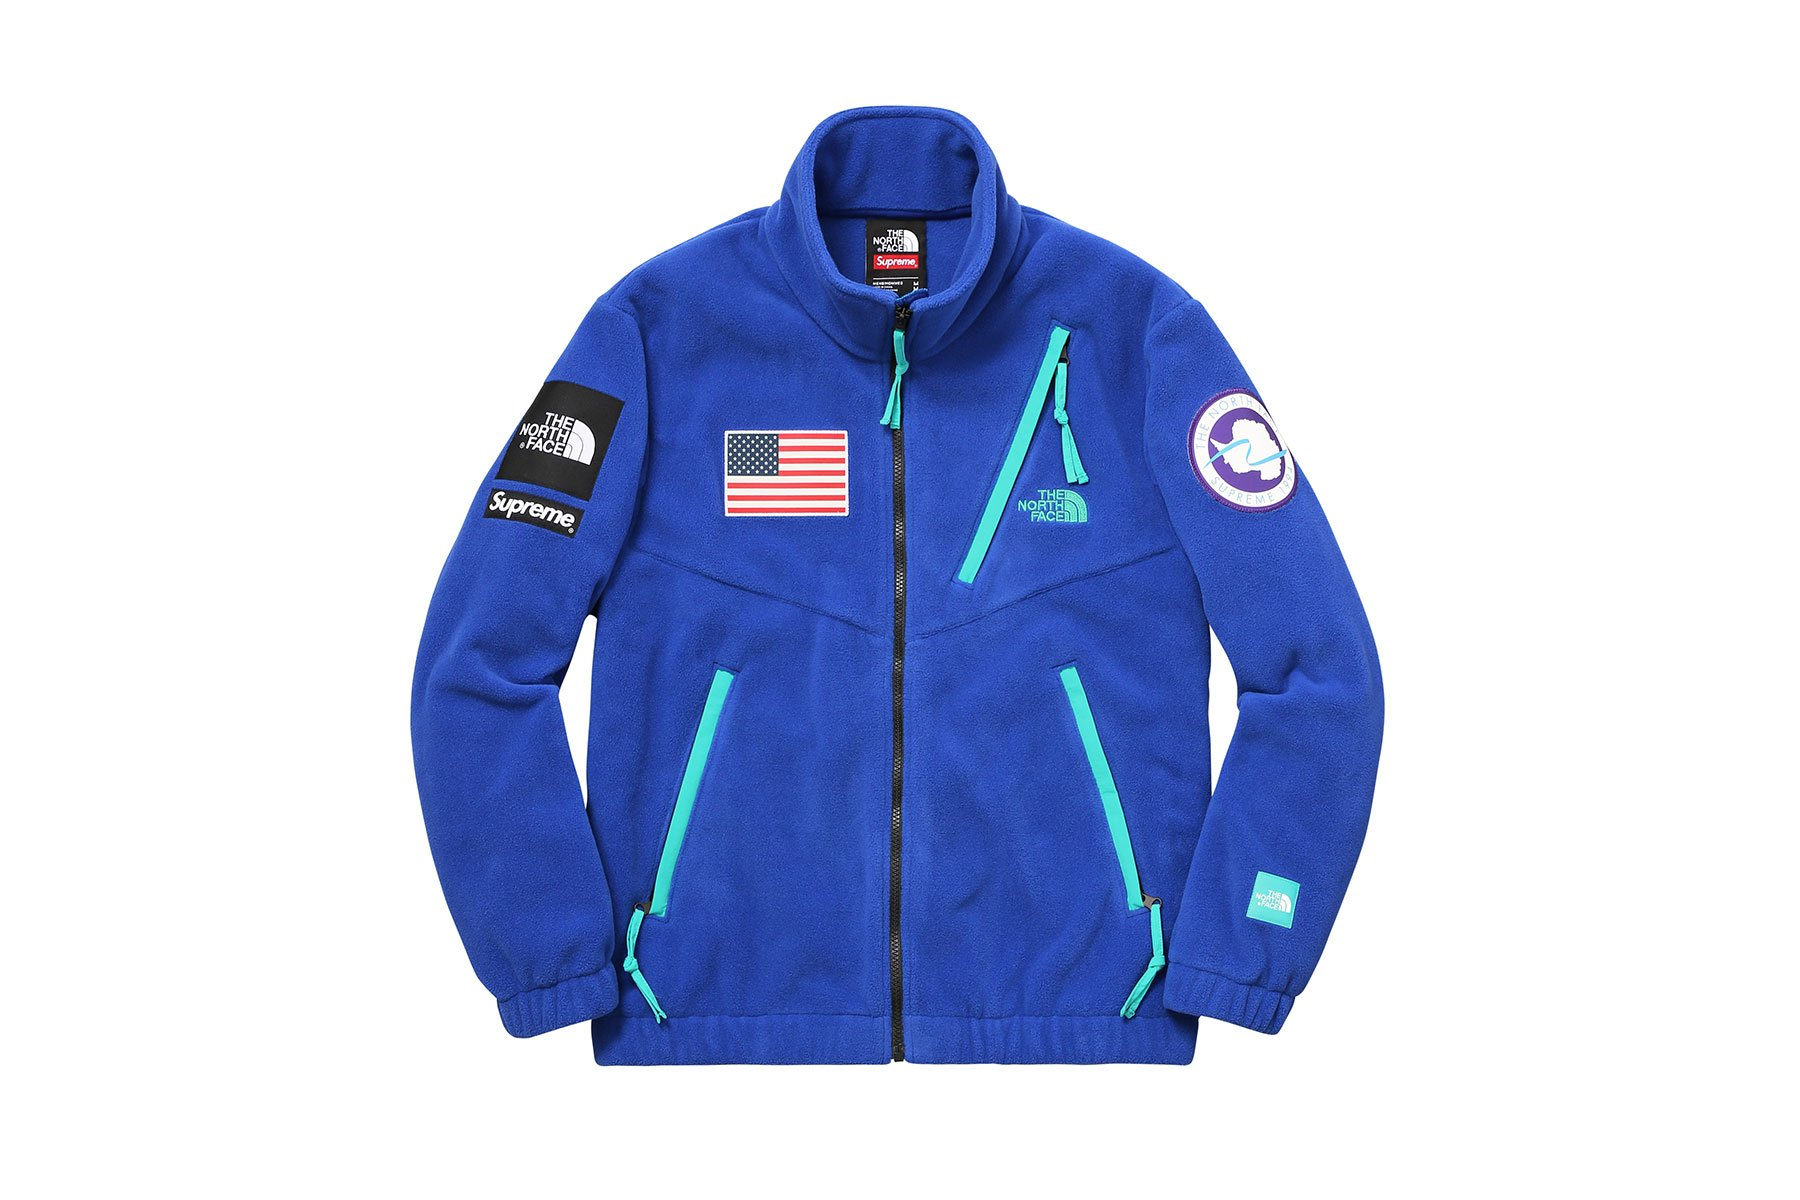 supreme-the-north-face-2017-spring-summer-blue-royal-polartec-fleece-jacket-22